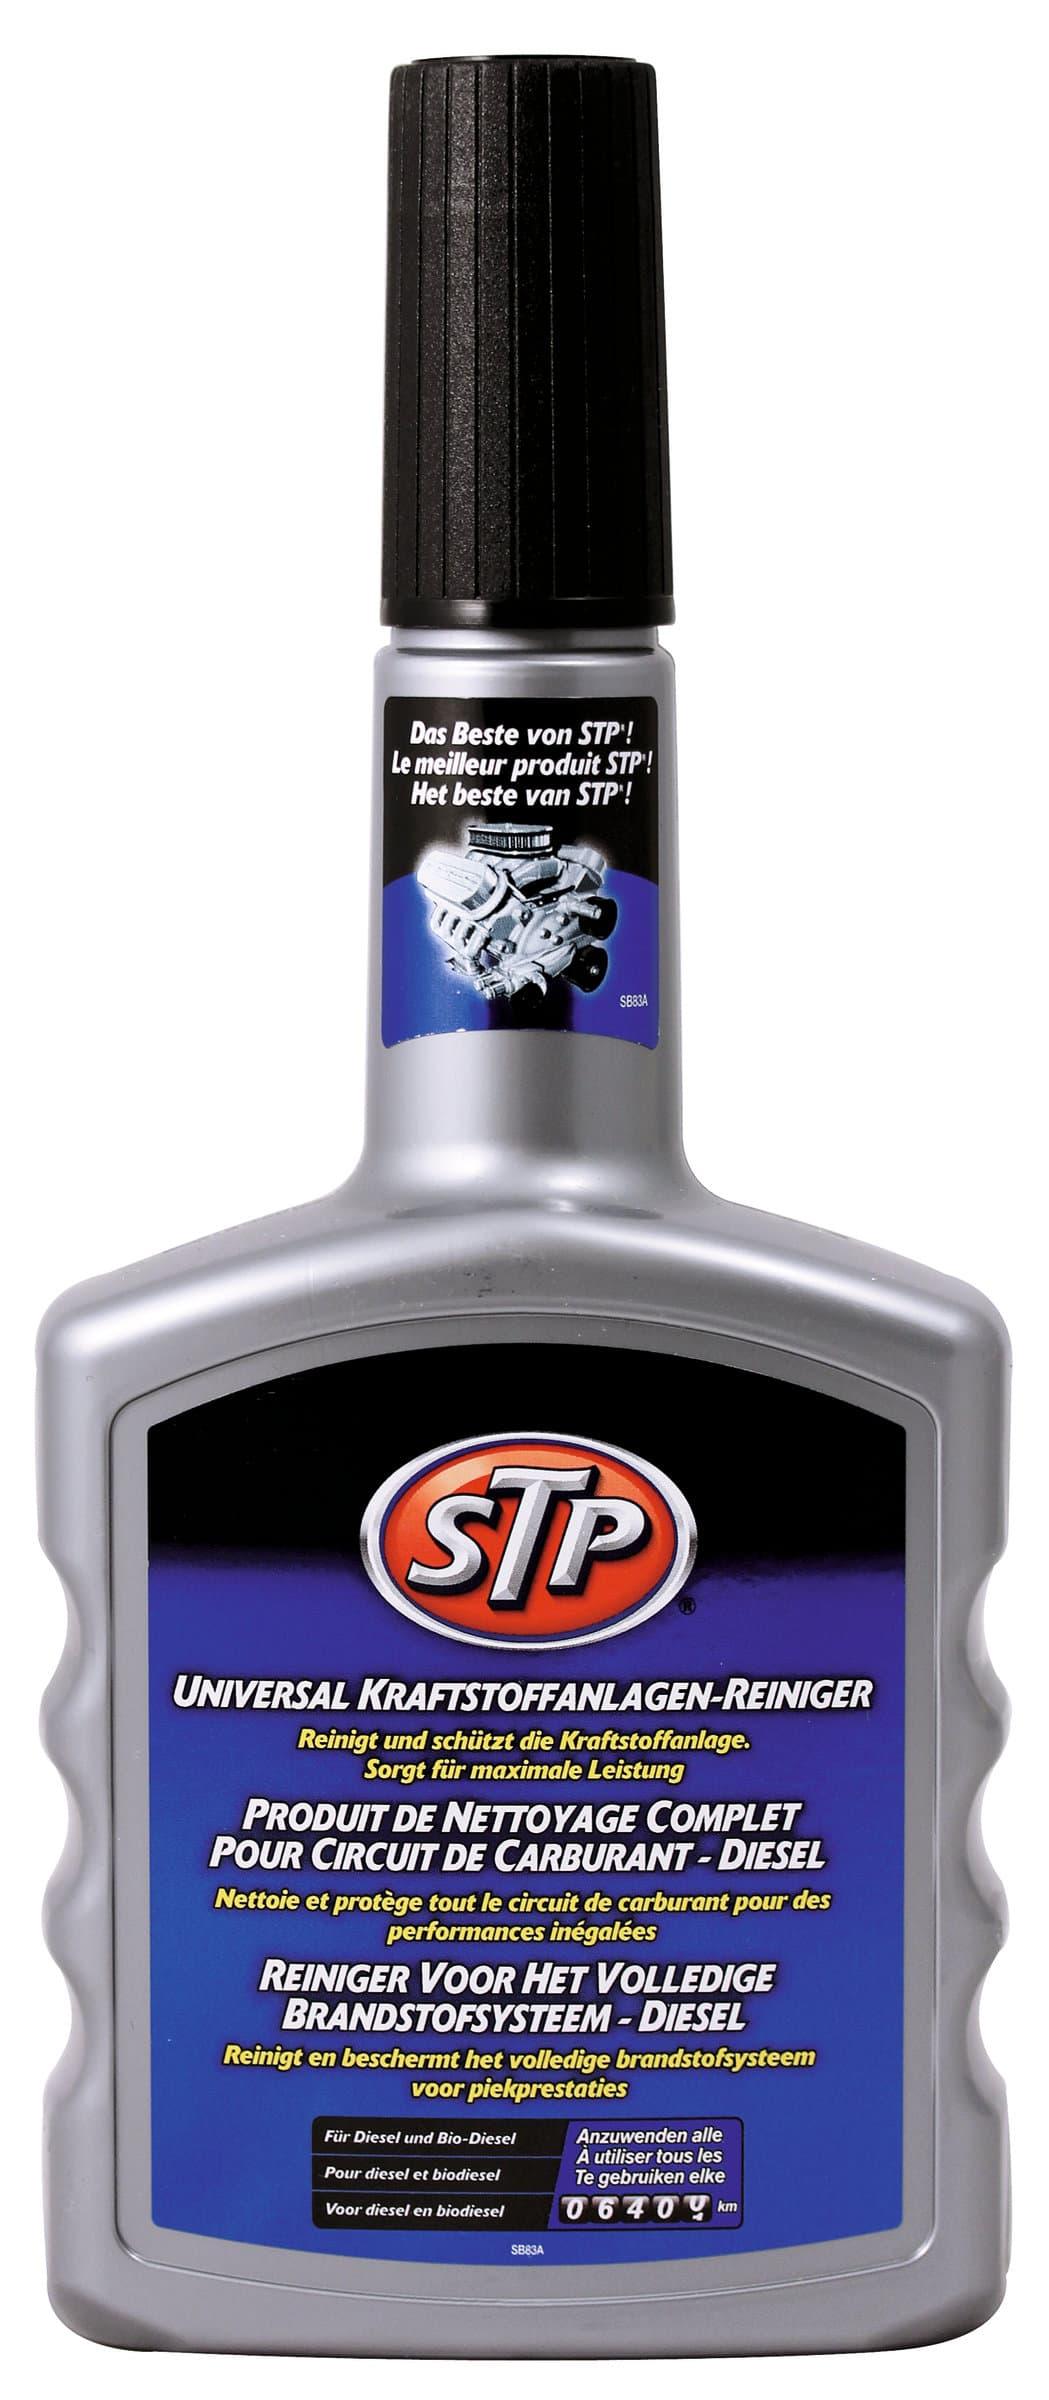 Stp Detergente universale per motori diesel Prodotto detergente